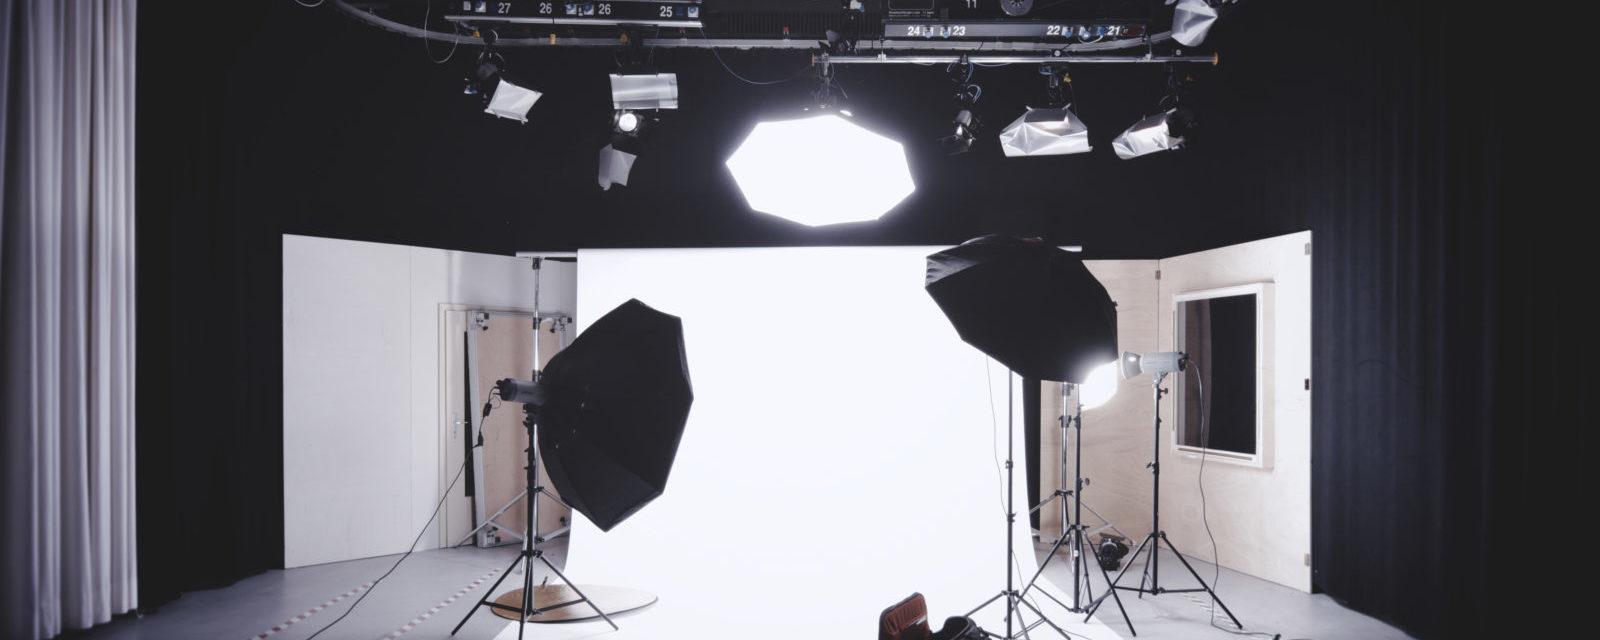 Urheberrechtsverstoß durch Abfotografieren eines gemeinfreien Werkes?